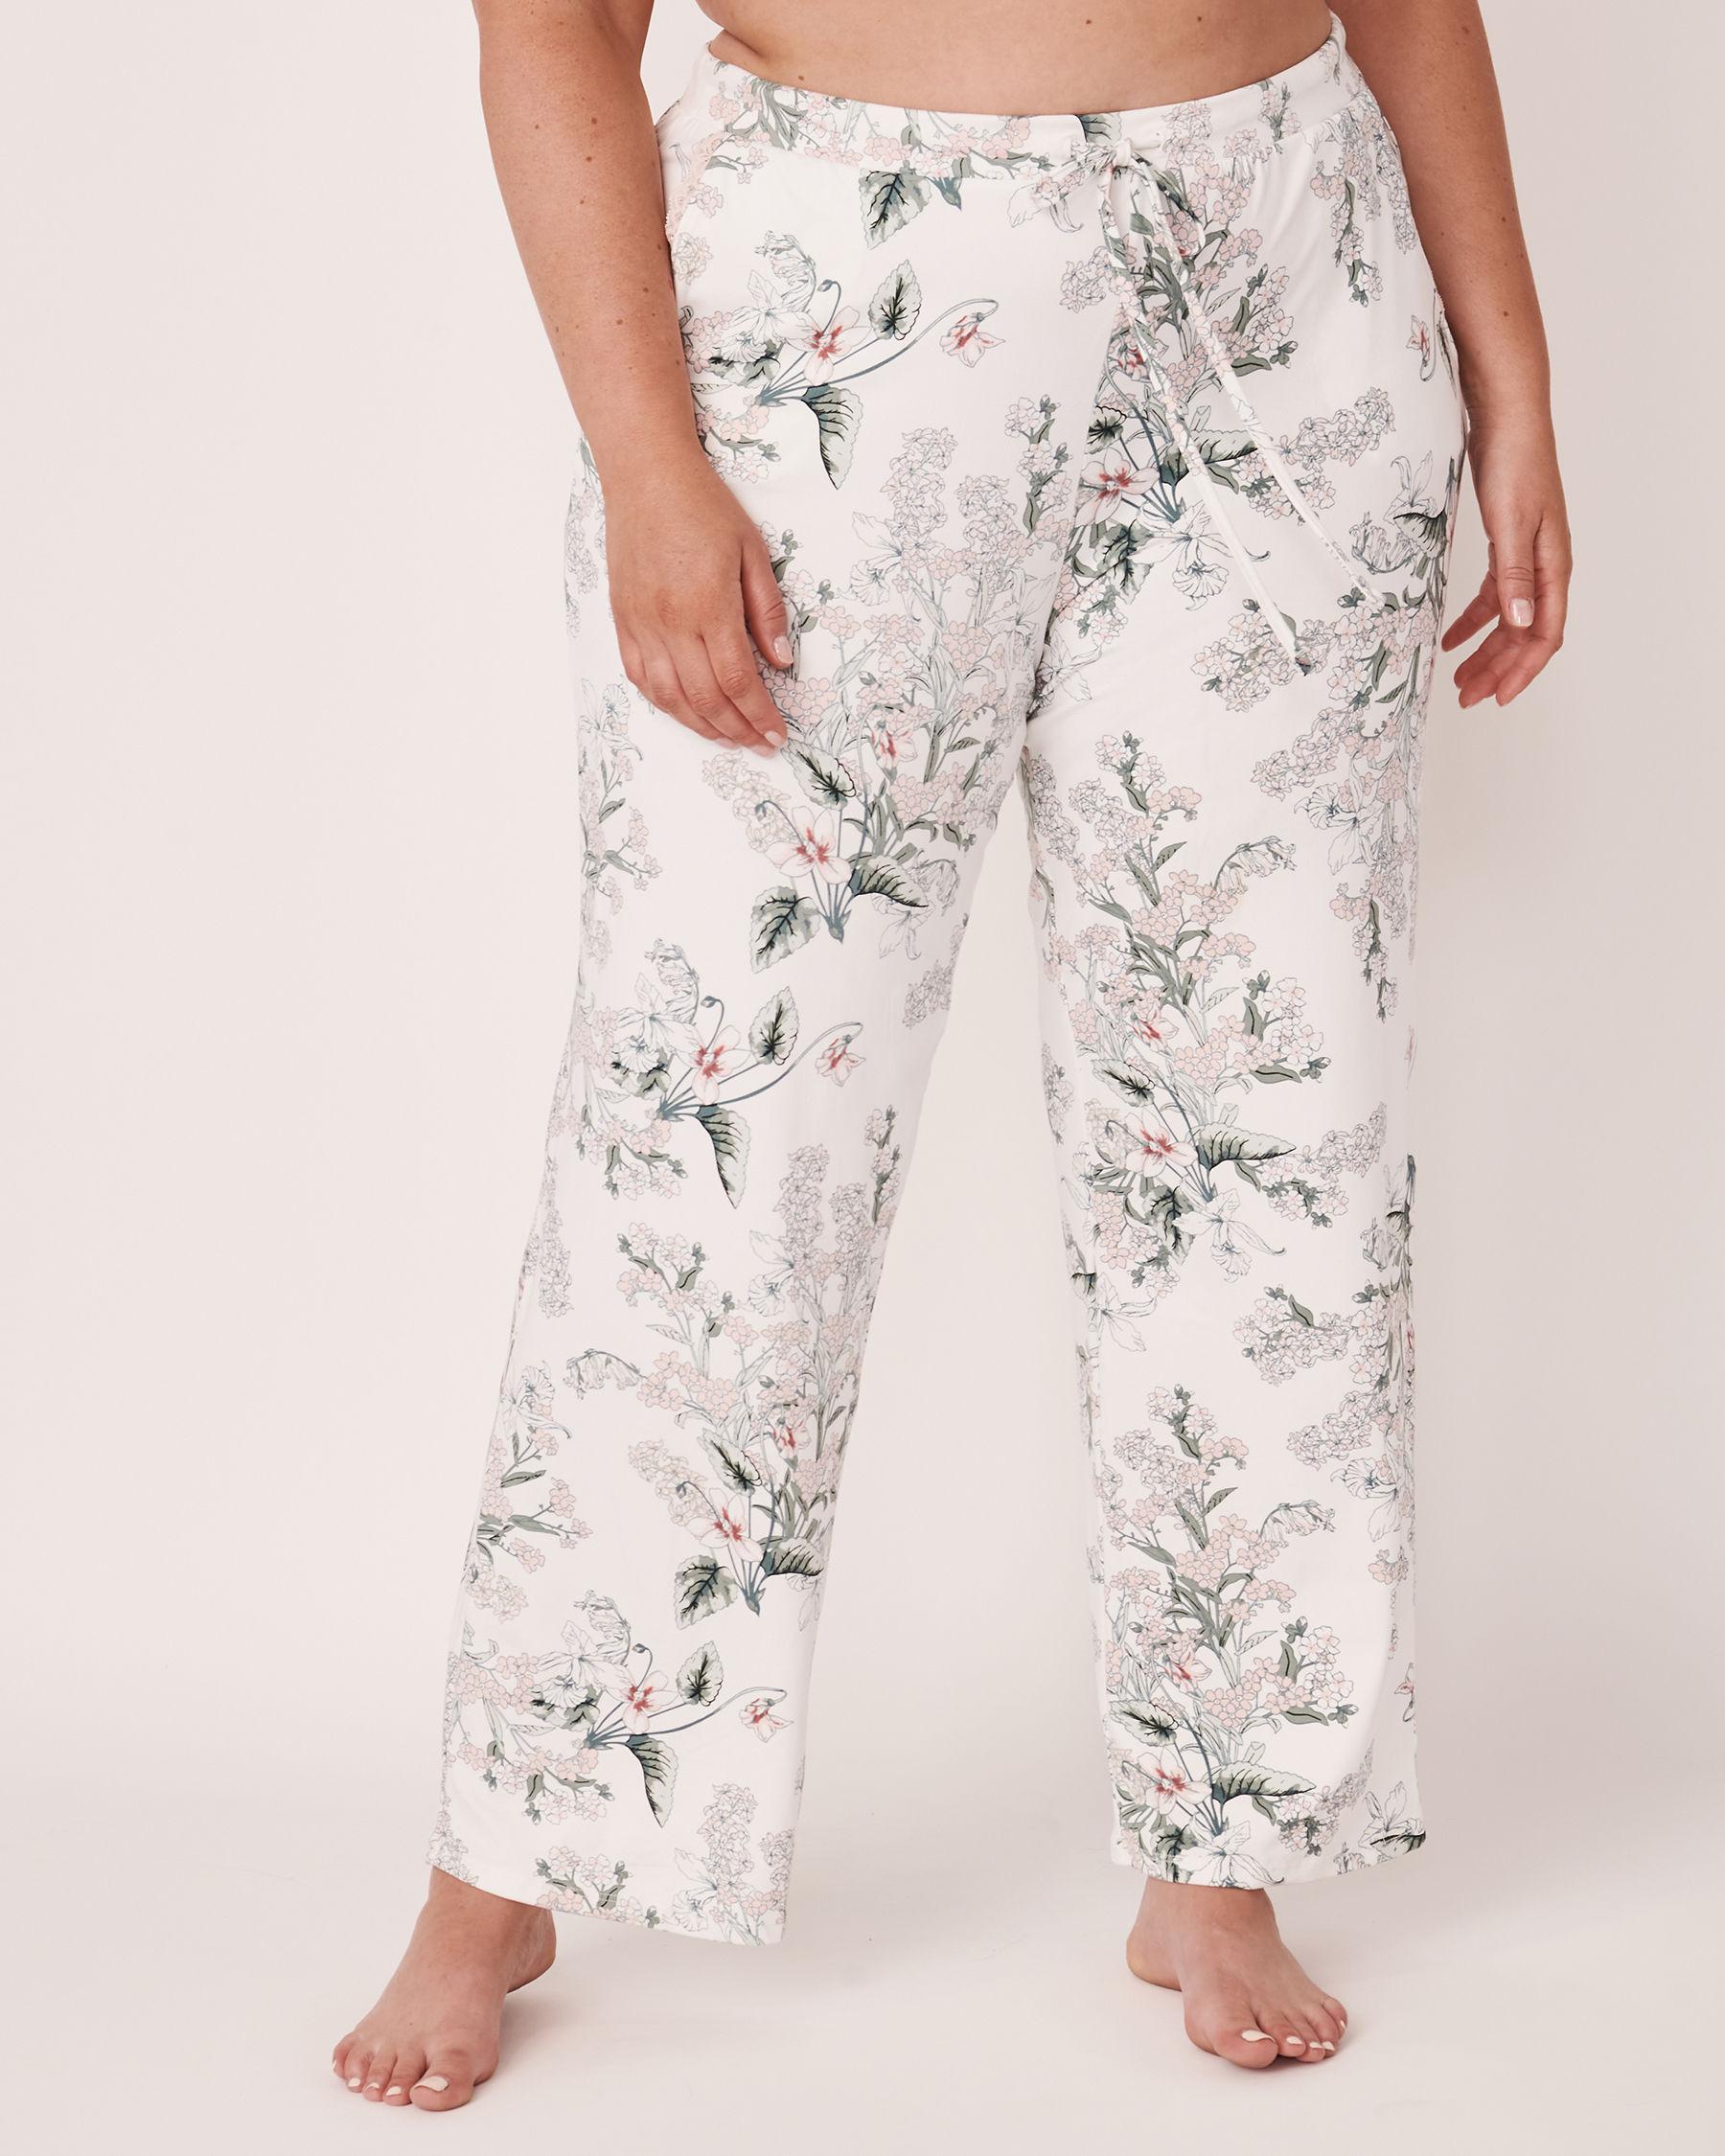 LA VIE EN ROSE Wide Leg Pant Flower bouquet 40200073 - View1